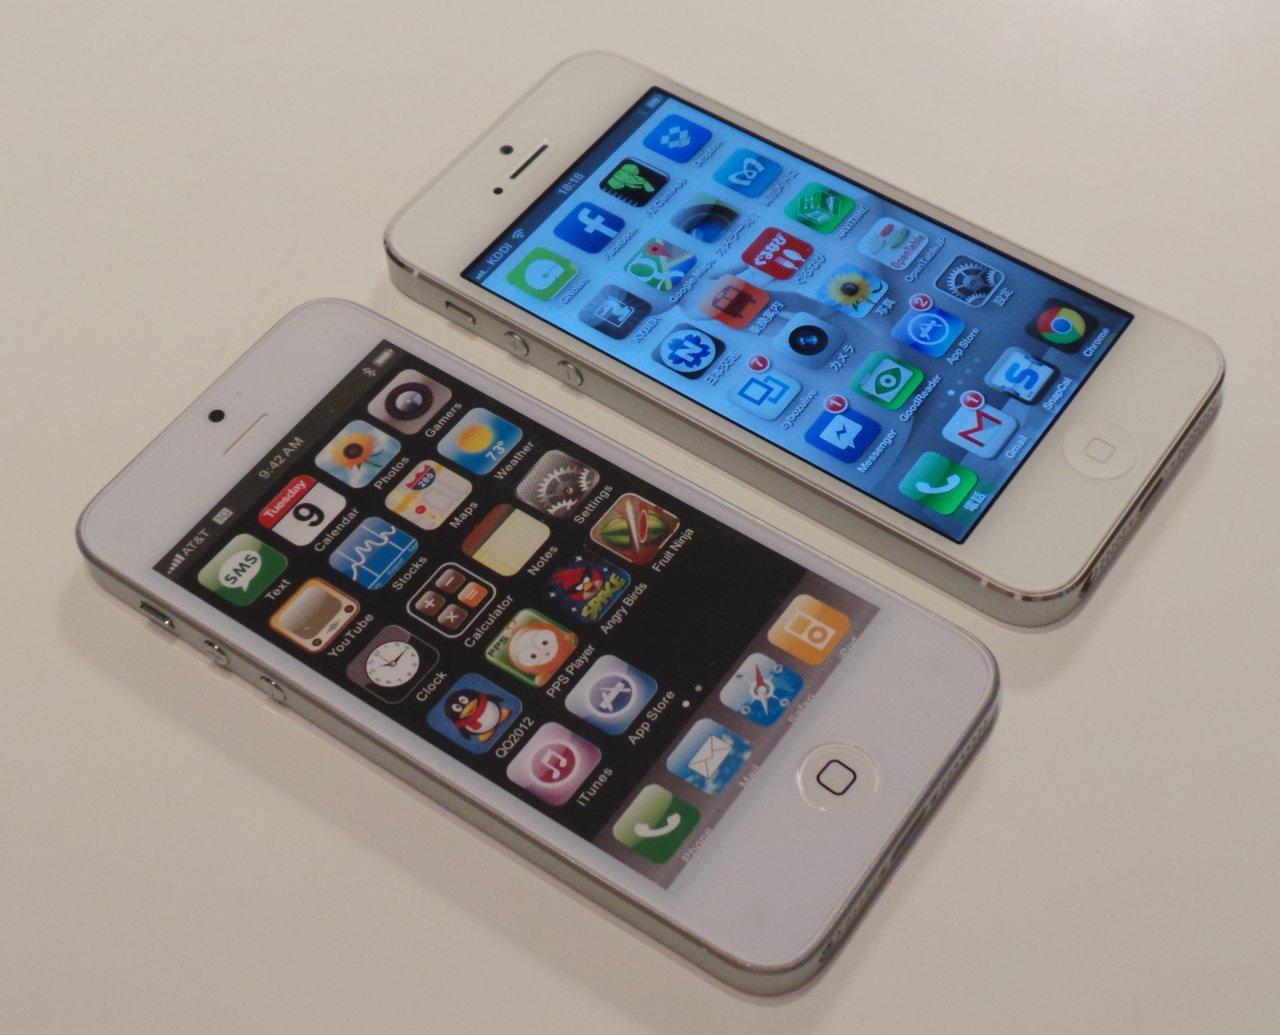 実測してみたが、中国製のiPhone5のダミーモデルは、Apple社のiPhone 5より誤差範囲で小さい